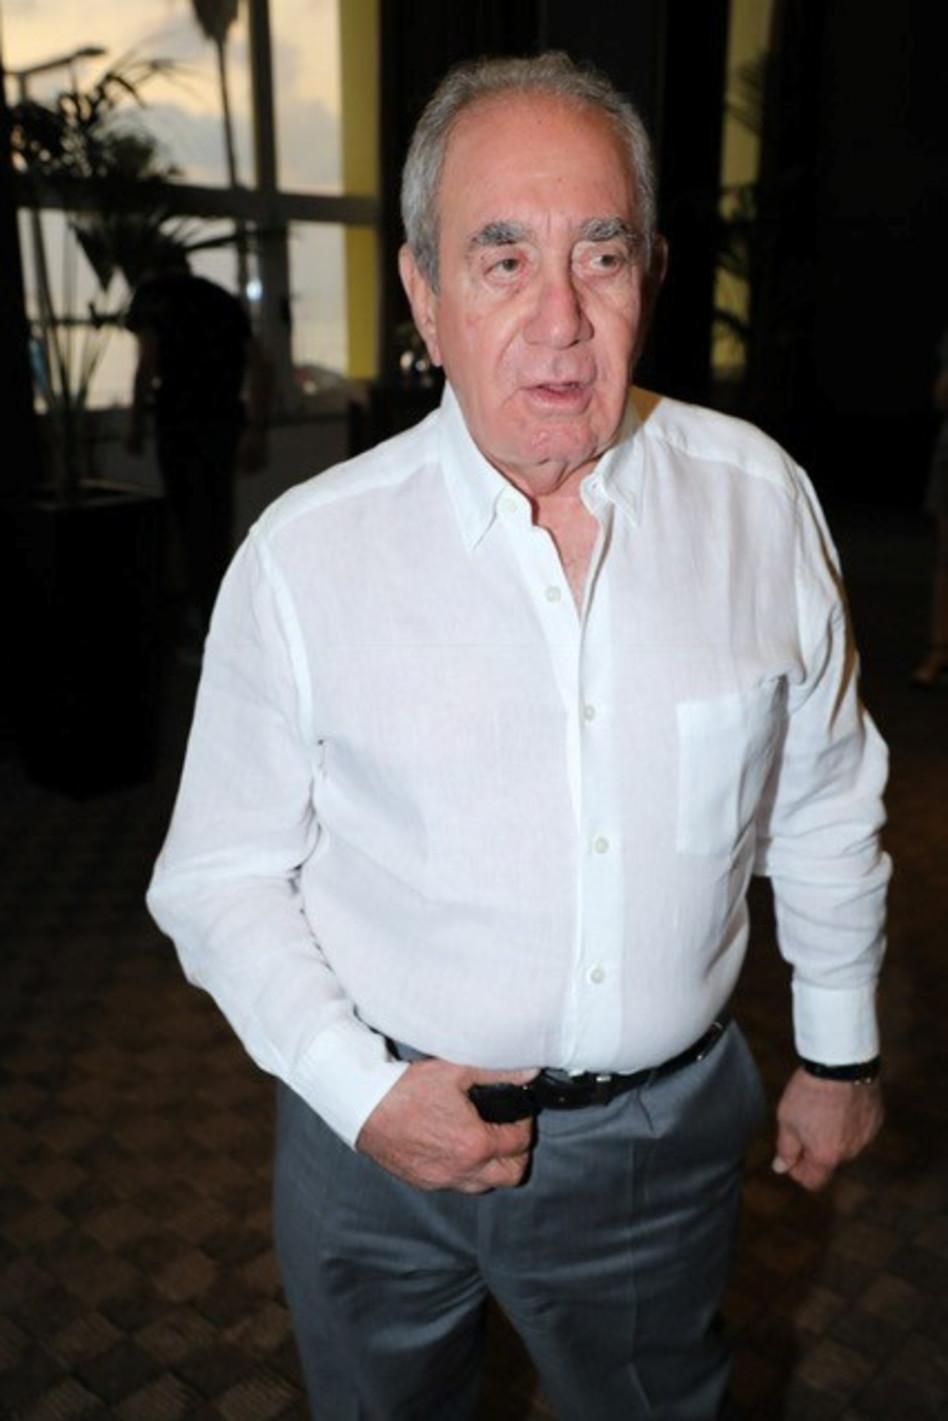 אלפרד אקירוב  (צילום: רפי דלויה)